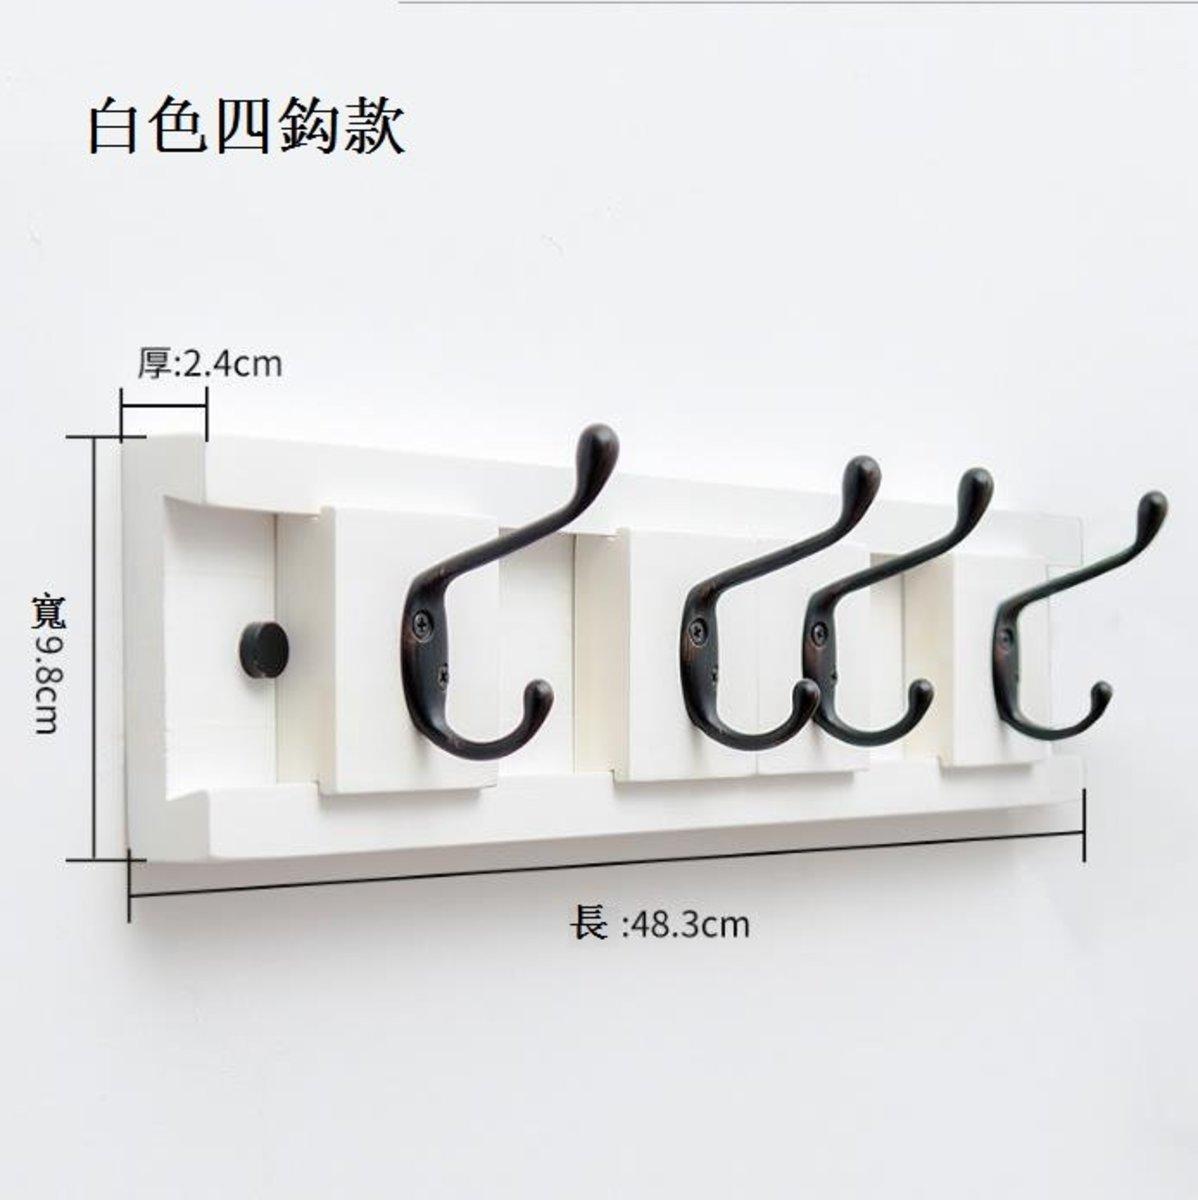 可移動實木壁掛排鉤衣服鉤白色4鉤(48.3*9.8*2.4cm)